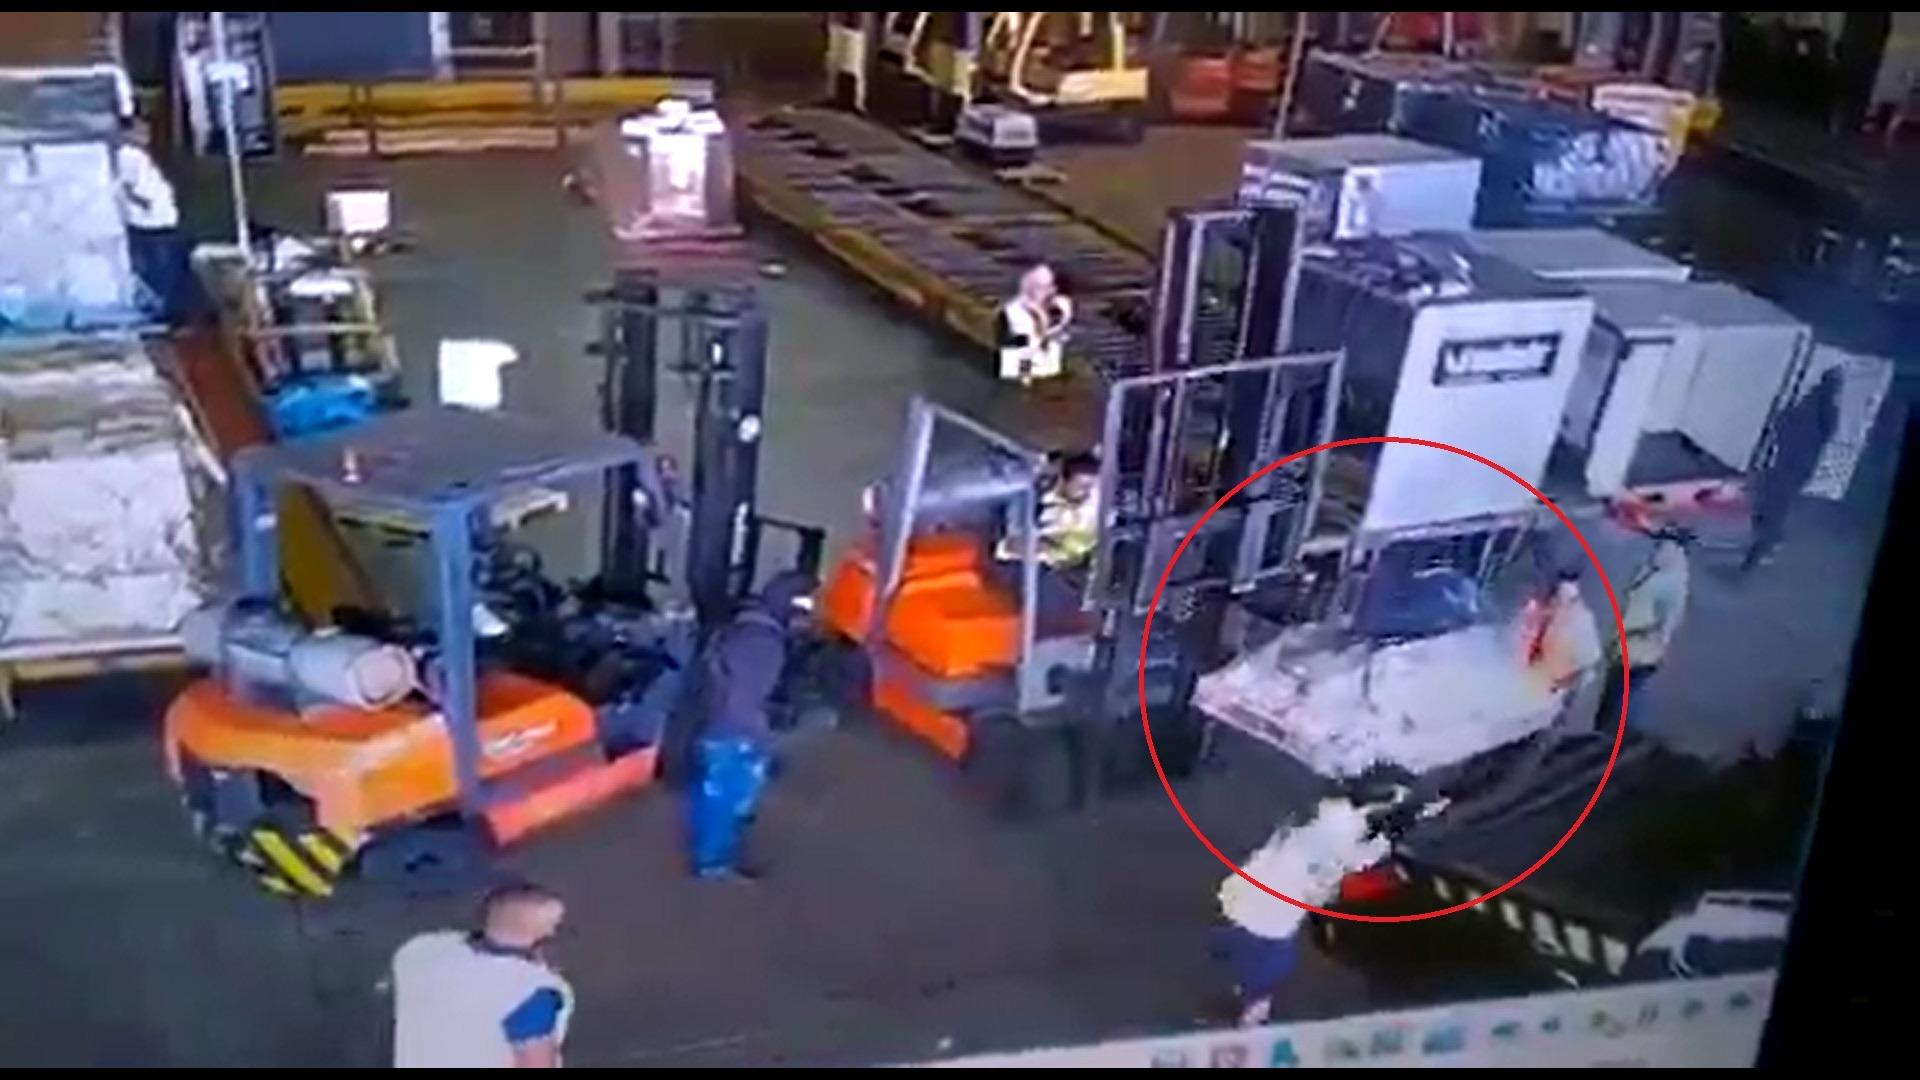 El robo duró menos de tres minutos desde la llegada de los ladrones al almacén del aeropuerto de Sao Paulo.